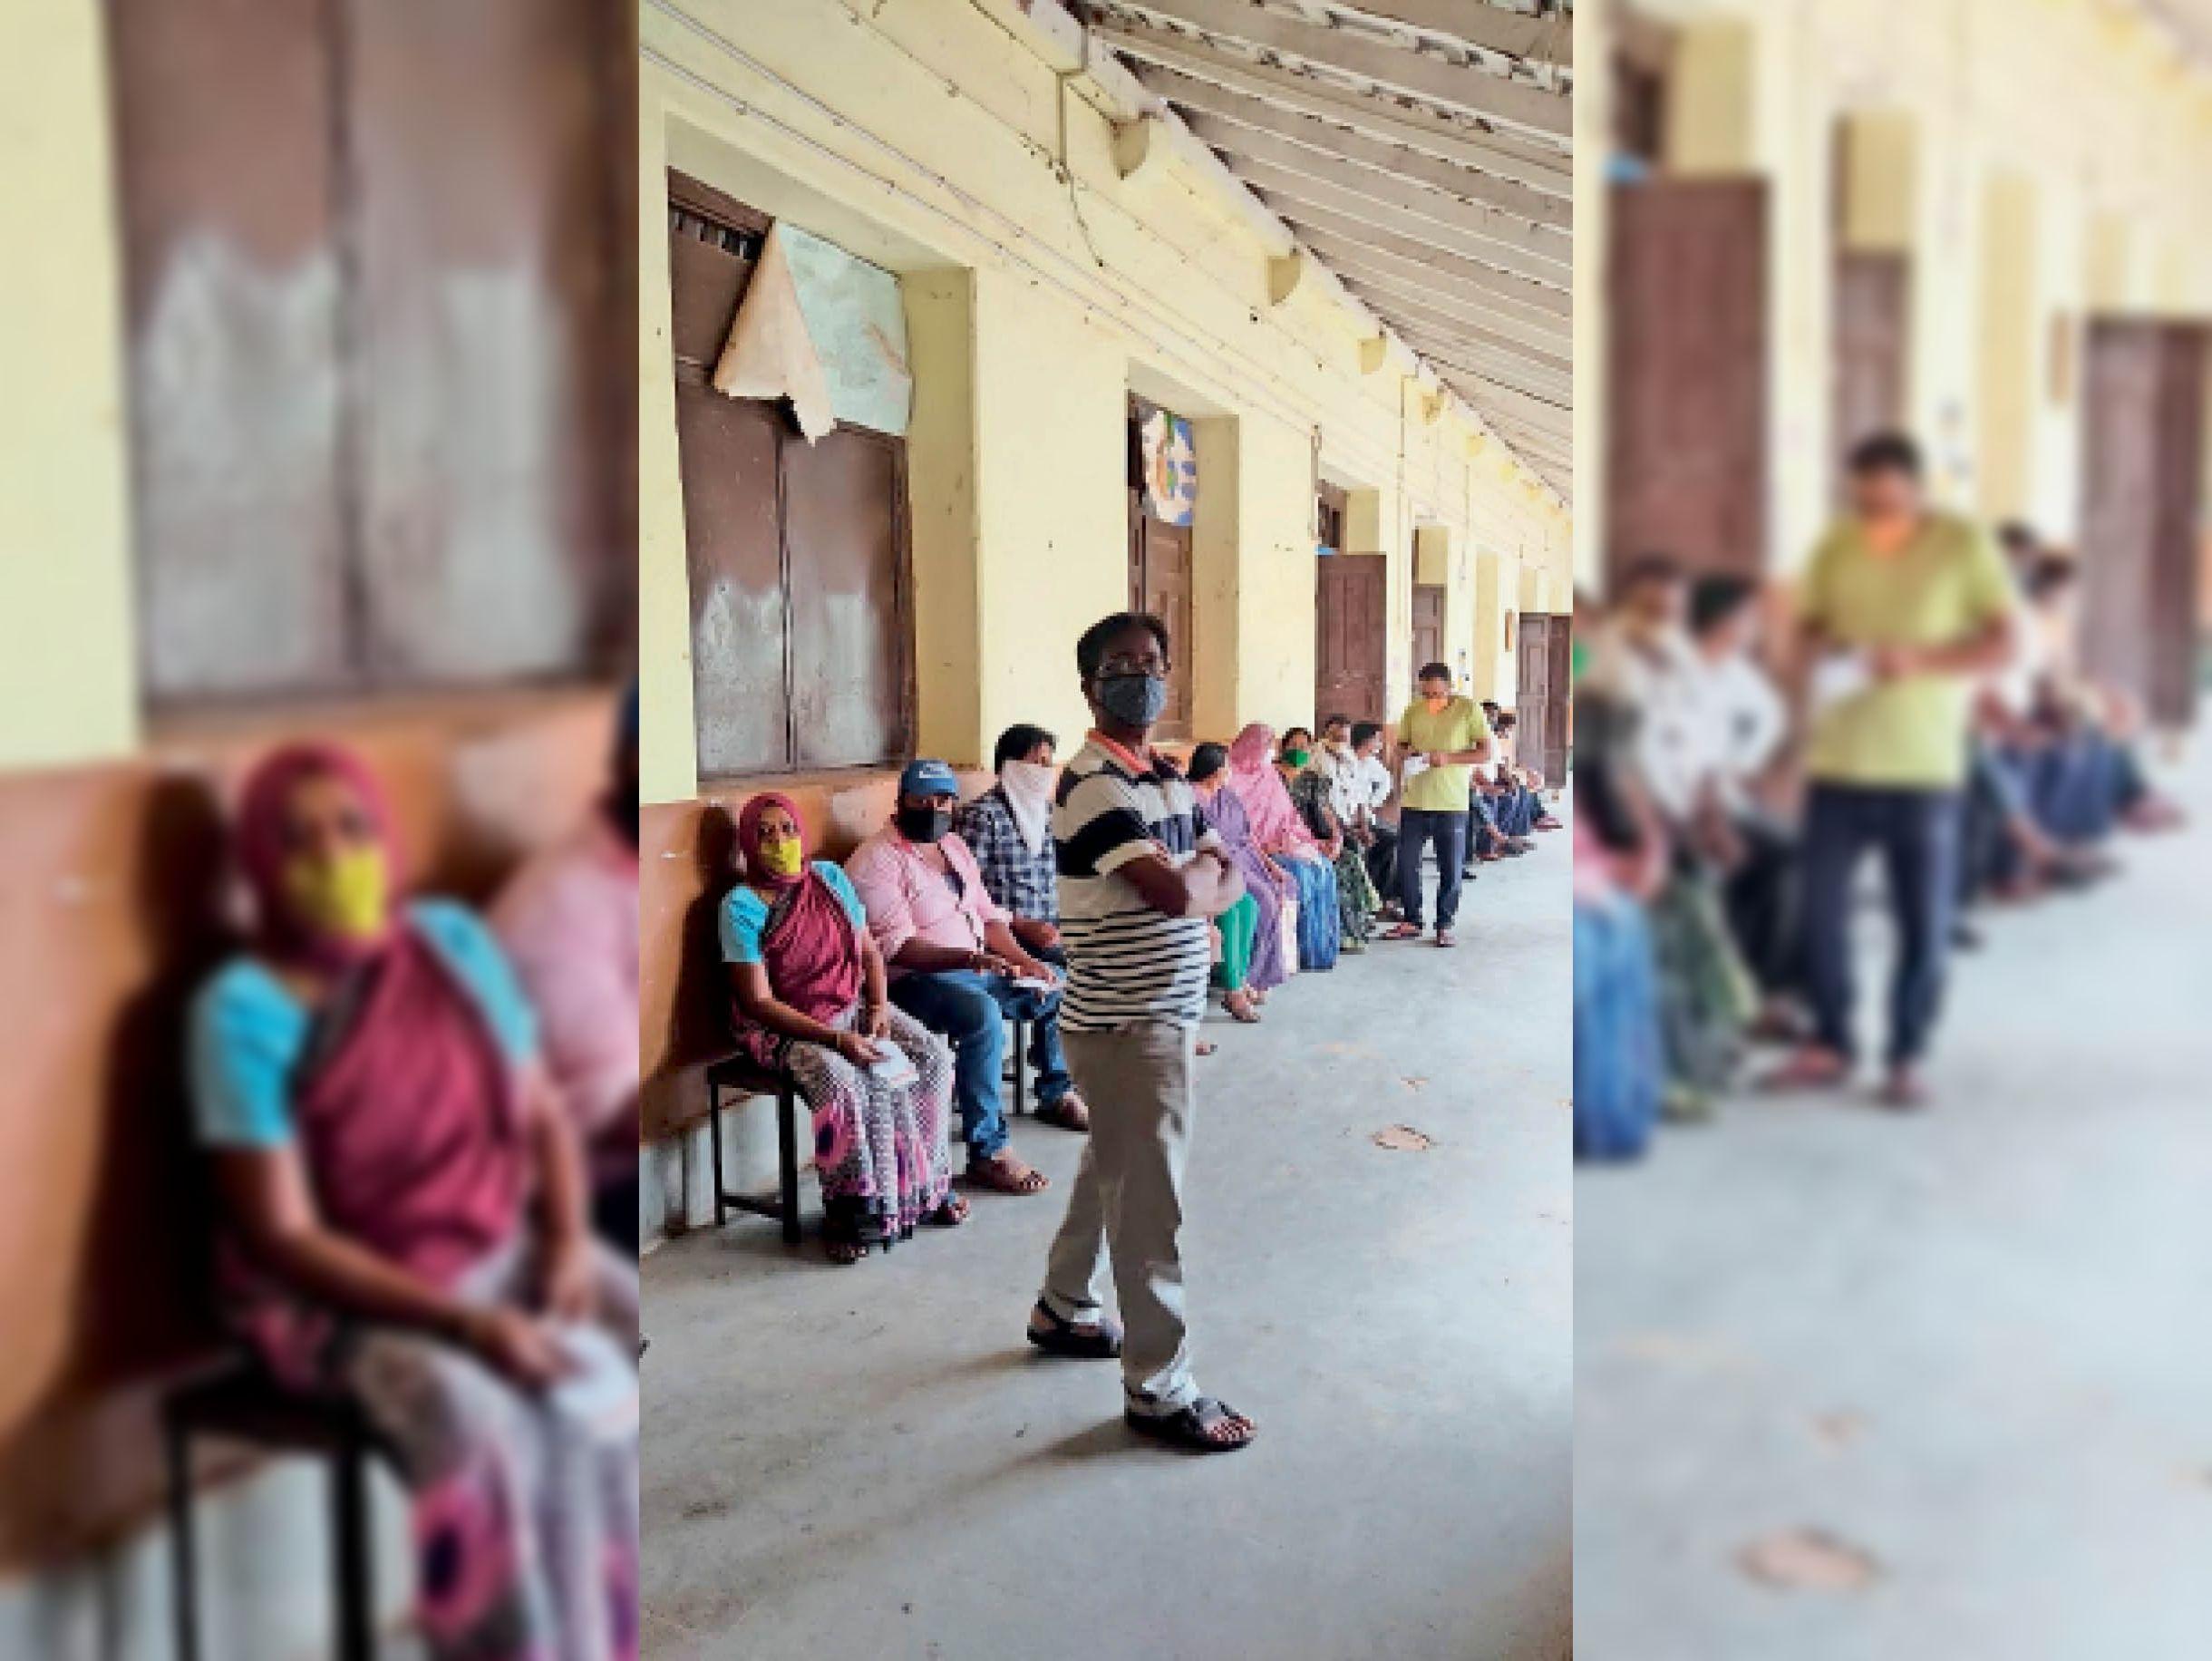 बस्तर हाईस्कूल में वैक्सीन लगवाने के लिए पहुंचे लोग। - Dainik Bhaskar